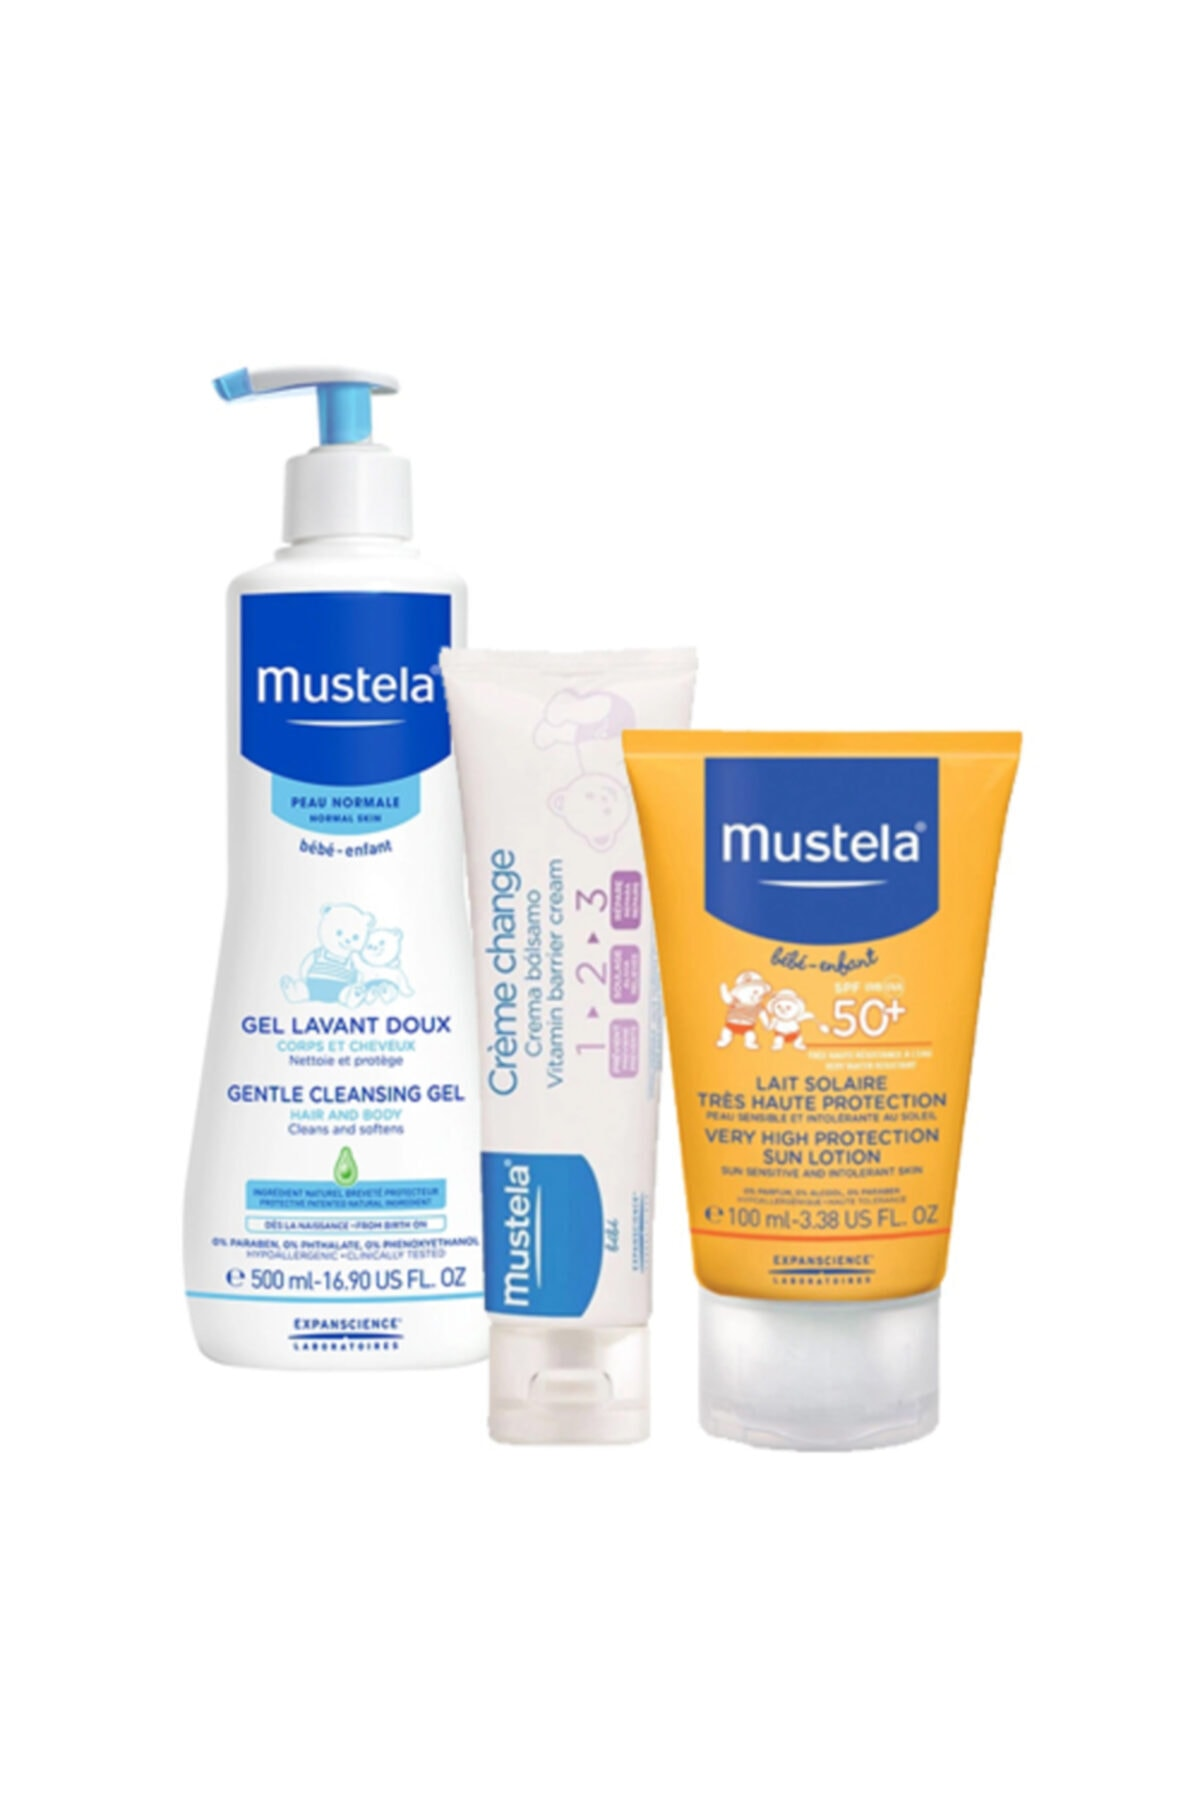 Mustela Bebek Şampuan 500 ml + Güneş Koruyucu Spf 50+ 100 ml + Pişik Kremi 50 ml SS20200612010 1